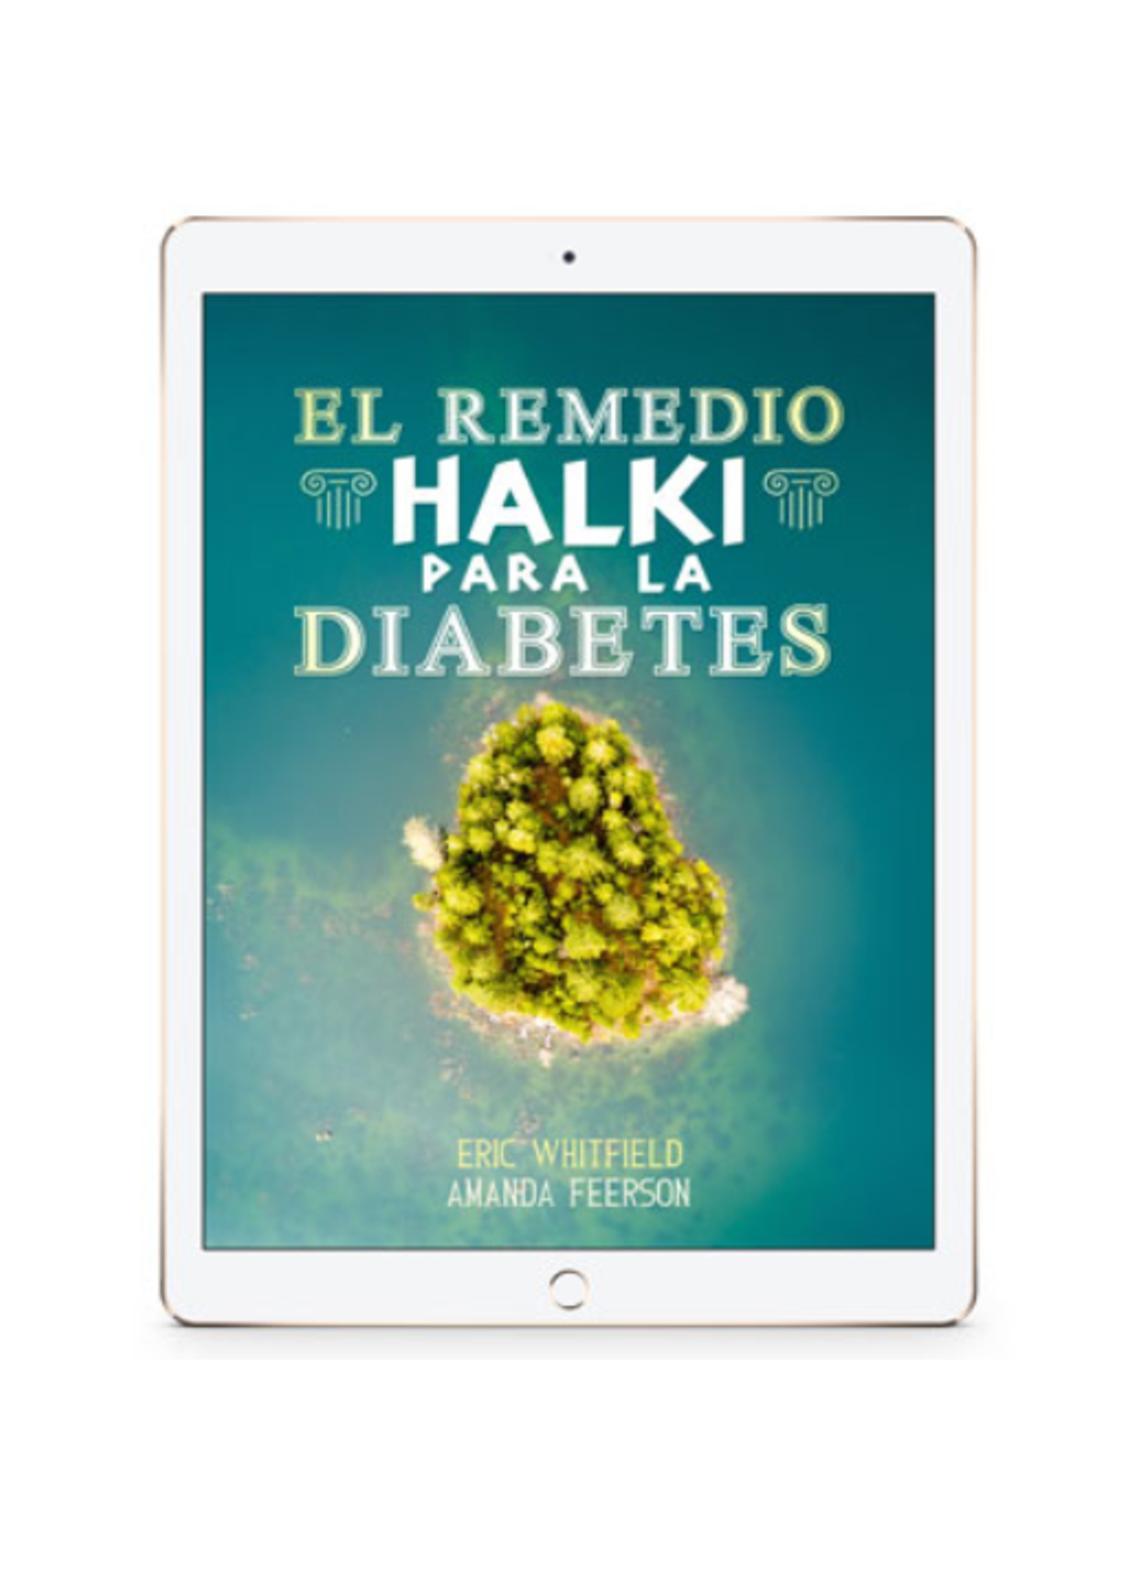 El remedio halki para la diabetes